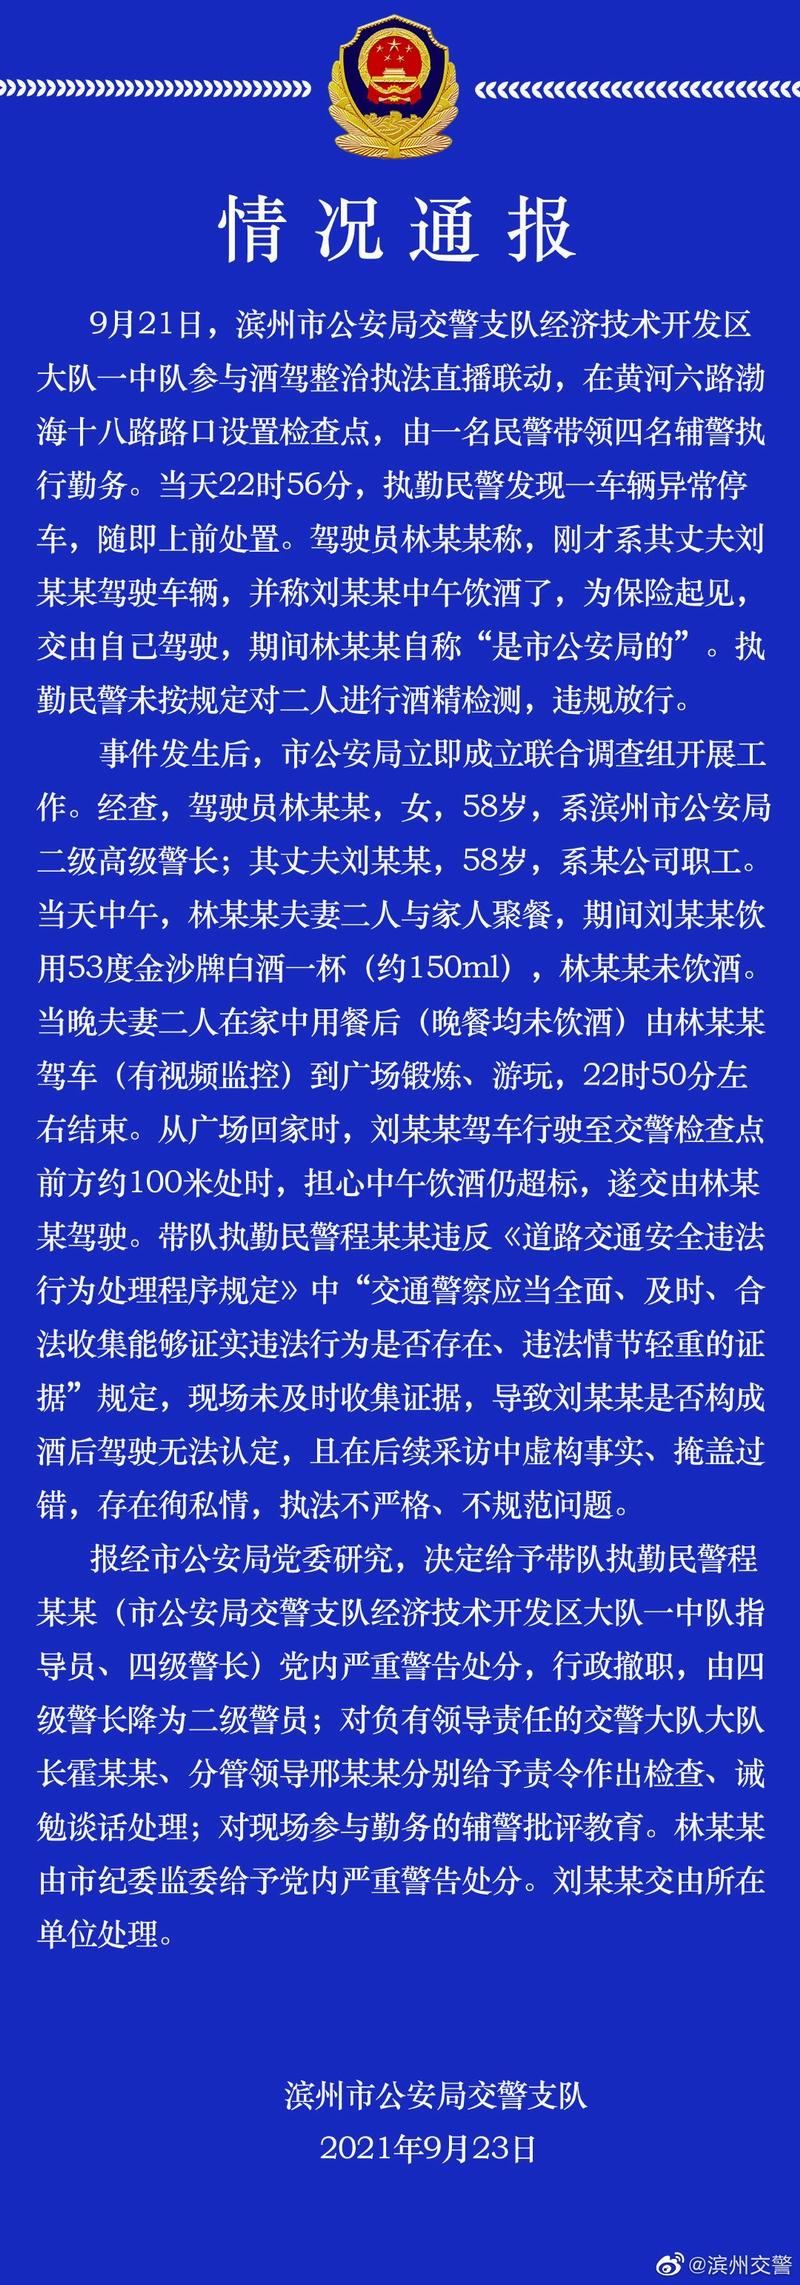 """滨州通报查酒驾放行""""公安局""""人员:带队执勤民警等人被处理"""